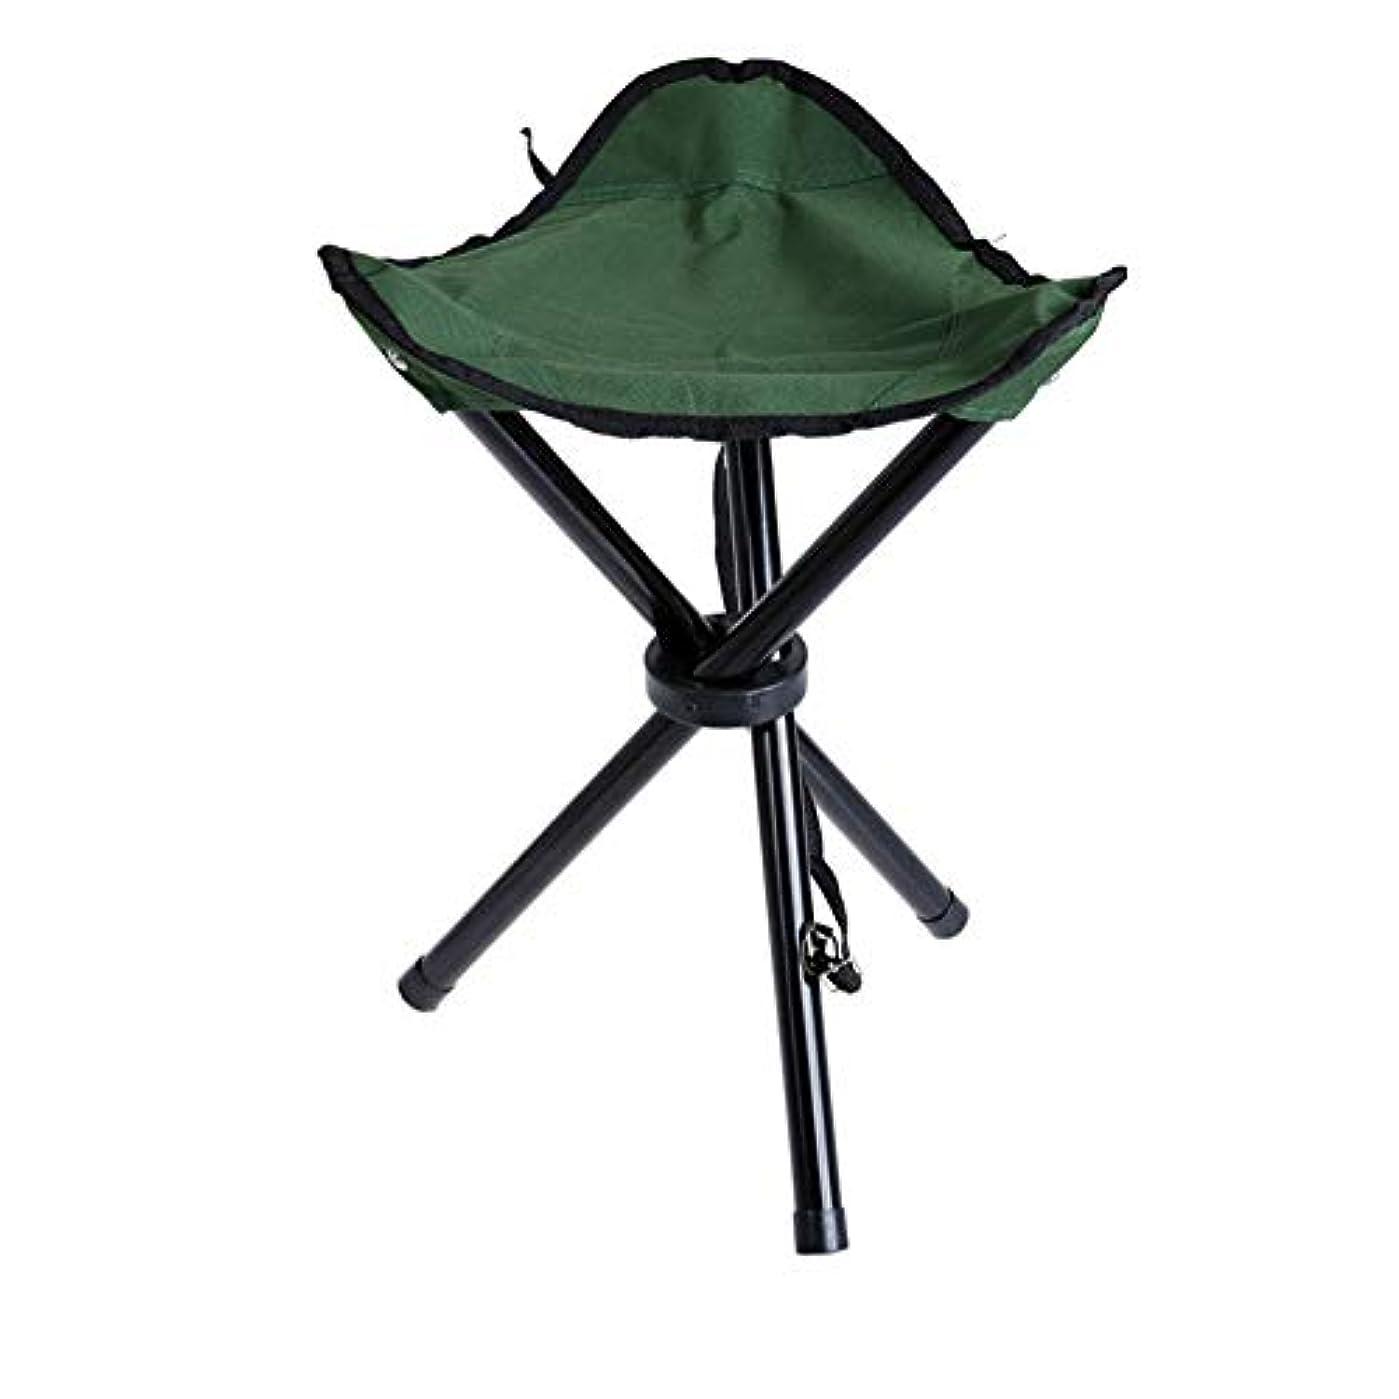 中級熟す信じられないHayder 三脚椅子 アウトドアチェア 折りたたみ椅子 軽量 コンパクト 耐荷重 収納バッグ付き アルミチェア ツーリング キャンプ 登山 釣り